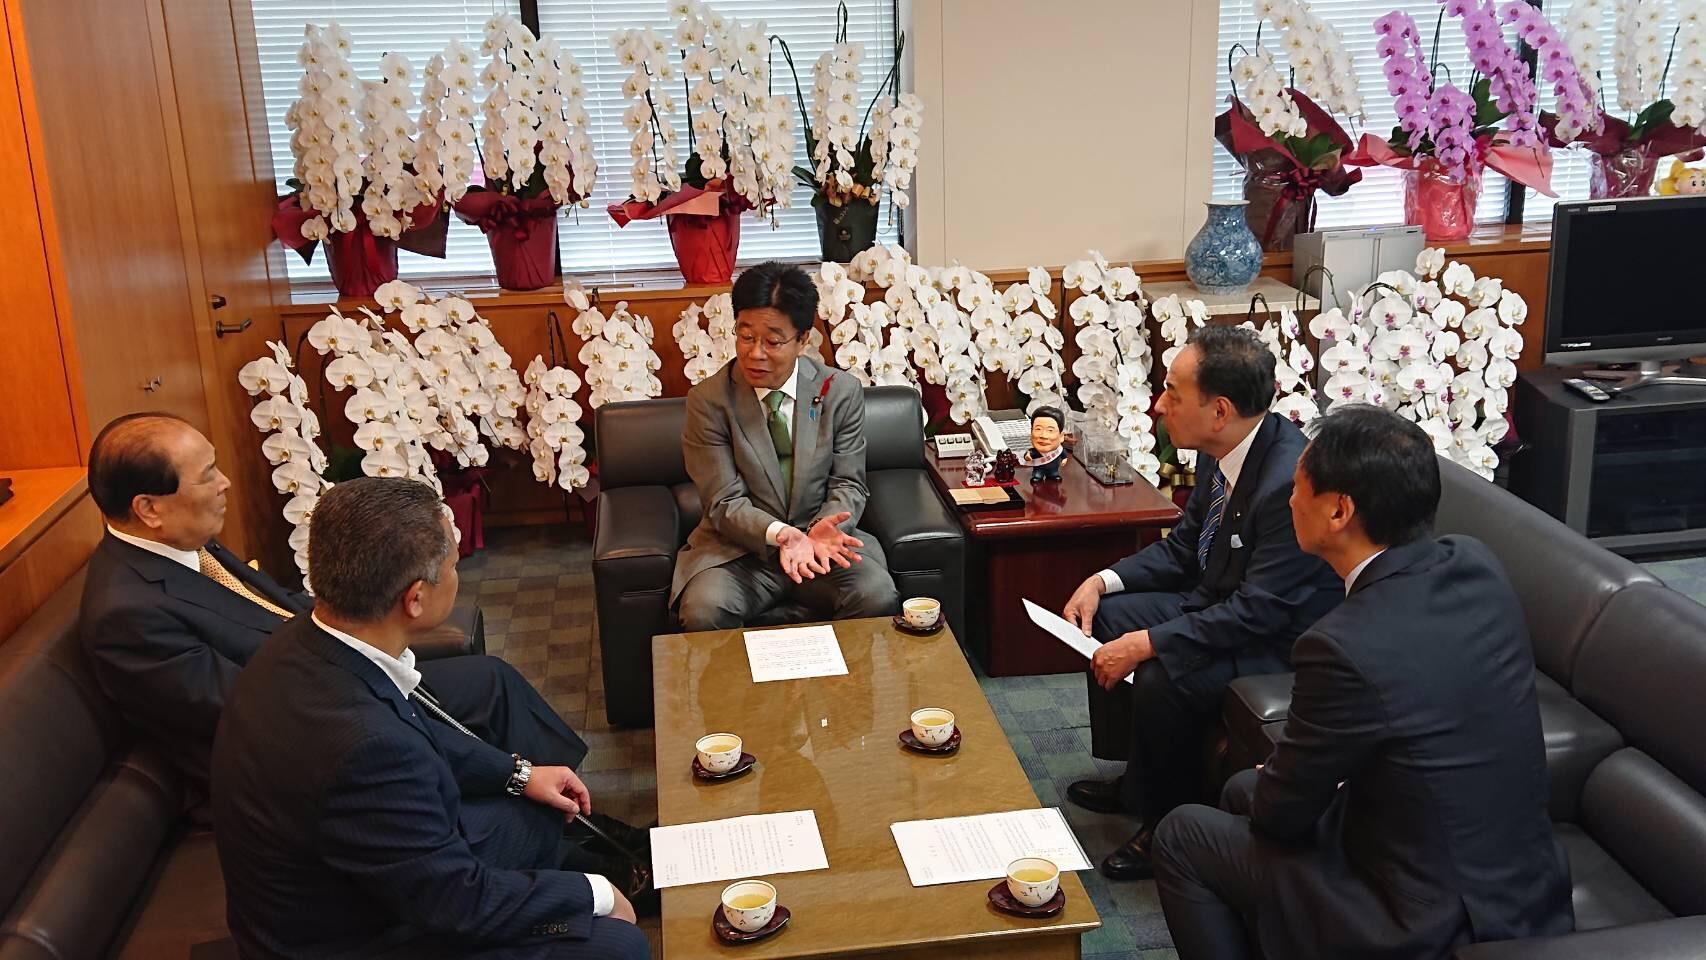 「重度訪問介護に関する要望書」を加藤勝信厚生労働大臣への申し入れ